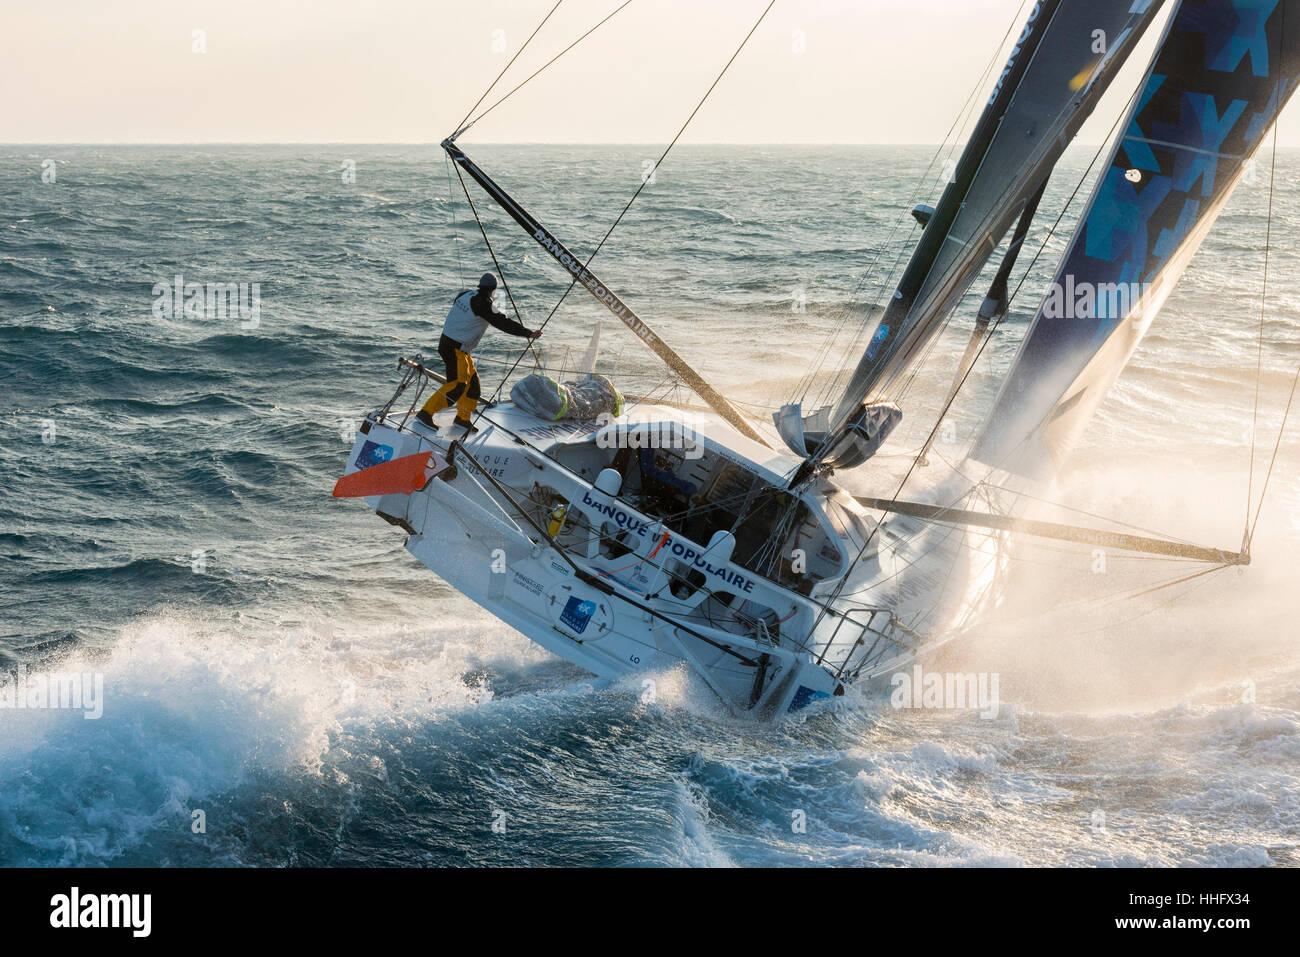 Yacht Race Vendée Globe 2017: armel le cléac'h a bordo della Banque populaire viii monohull vela (2017/01/19) Immagini Stock